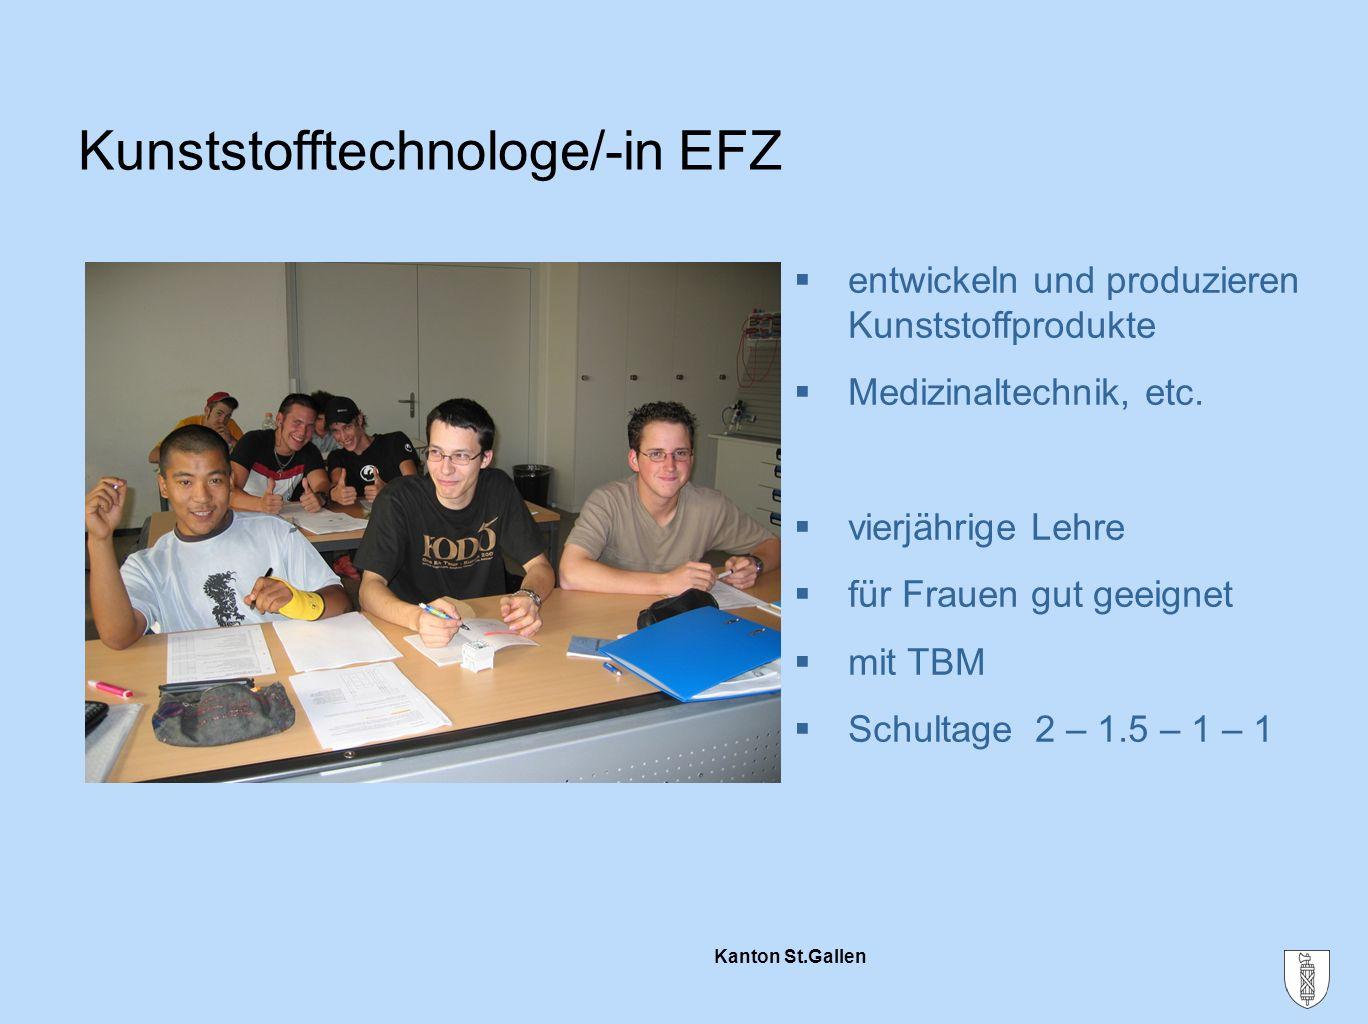 Kanton St.Gallen  entwickeln und produzieren Kunststoffprodukte  Medizinaltechnik, etc.  vierjährige Lehre  für Frauen gut geeignet  mit TBM  Sc